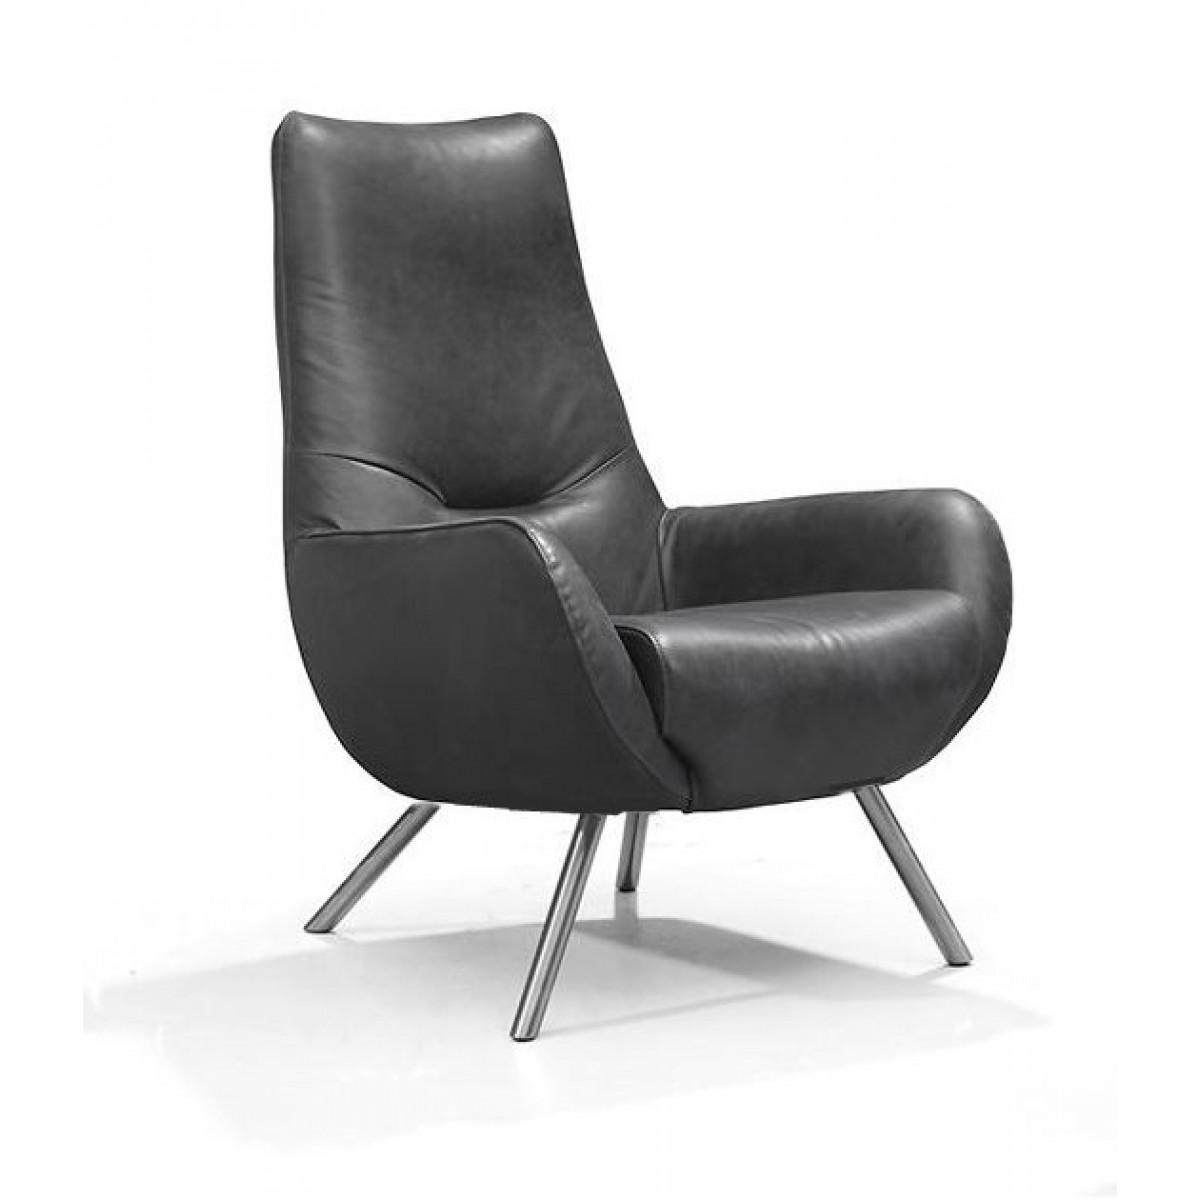 elize-vast-fauteuil-ojee-design-miltonhouse